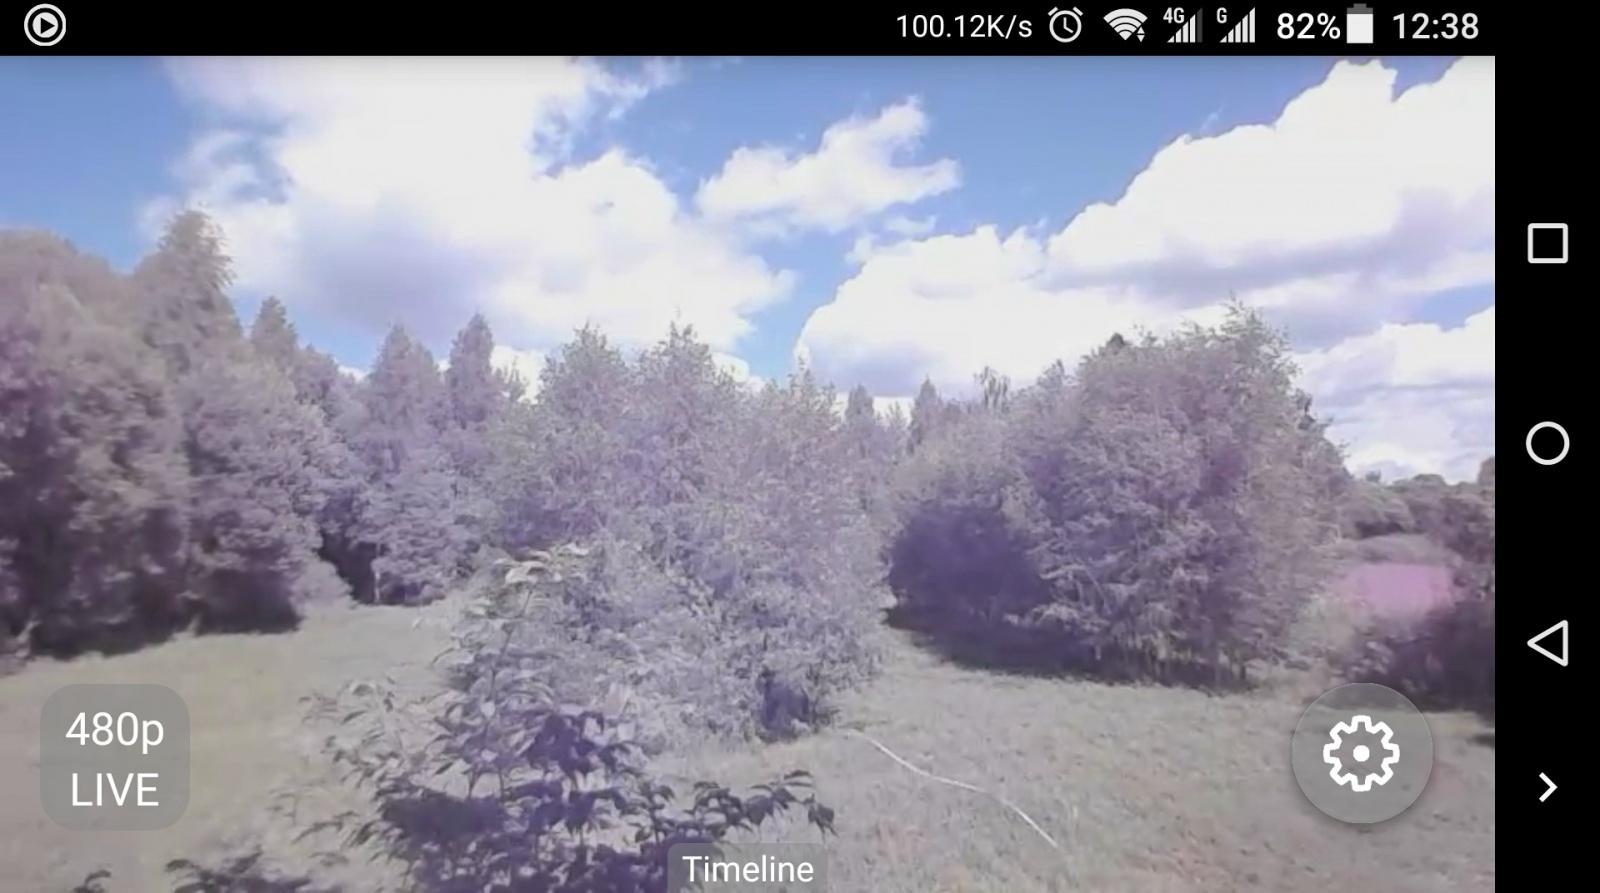 iCam HD 360: видеоняня или автономная система видеонаблюдения? - 17